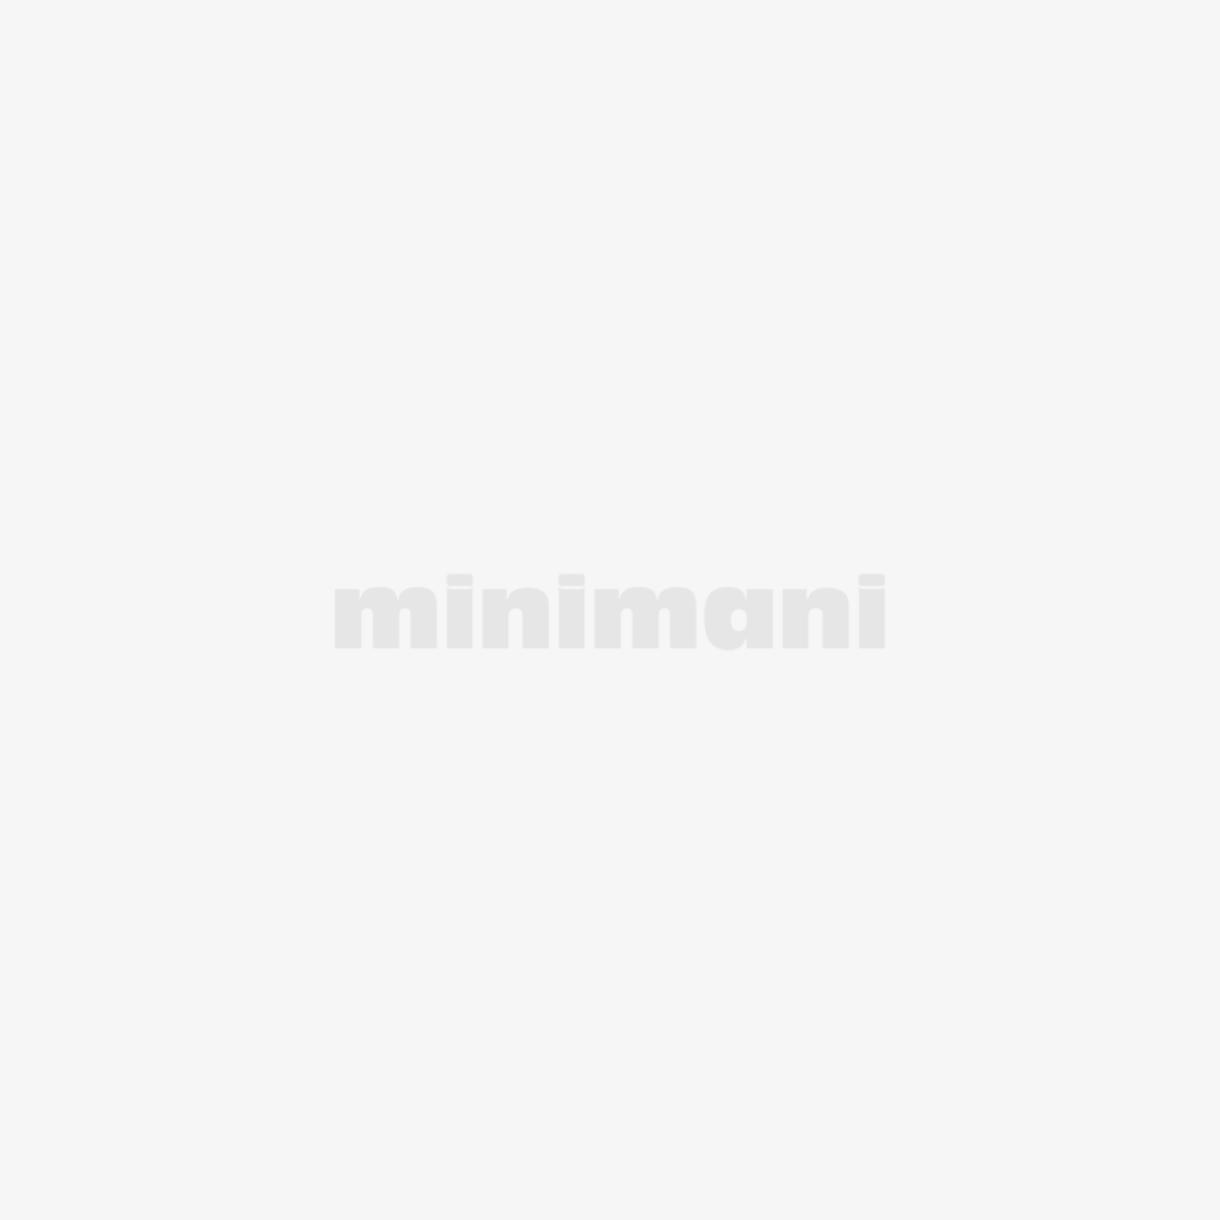 AIRAM VANAMO VÄLITILAVALAISIN 214 14W 2 PR + K VALKOINEN